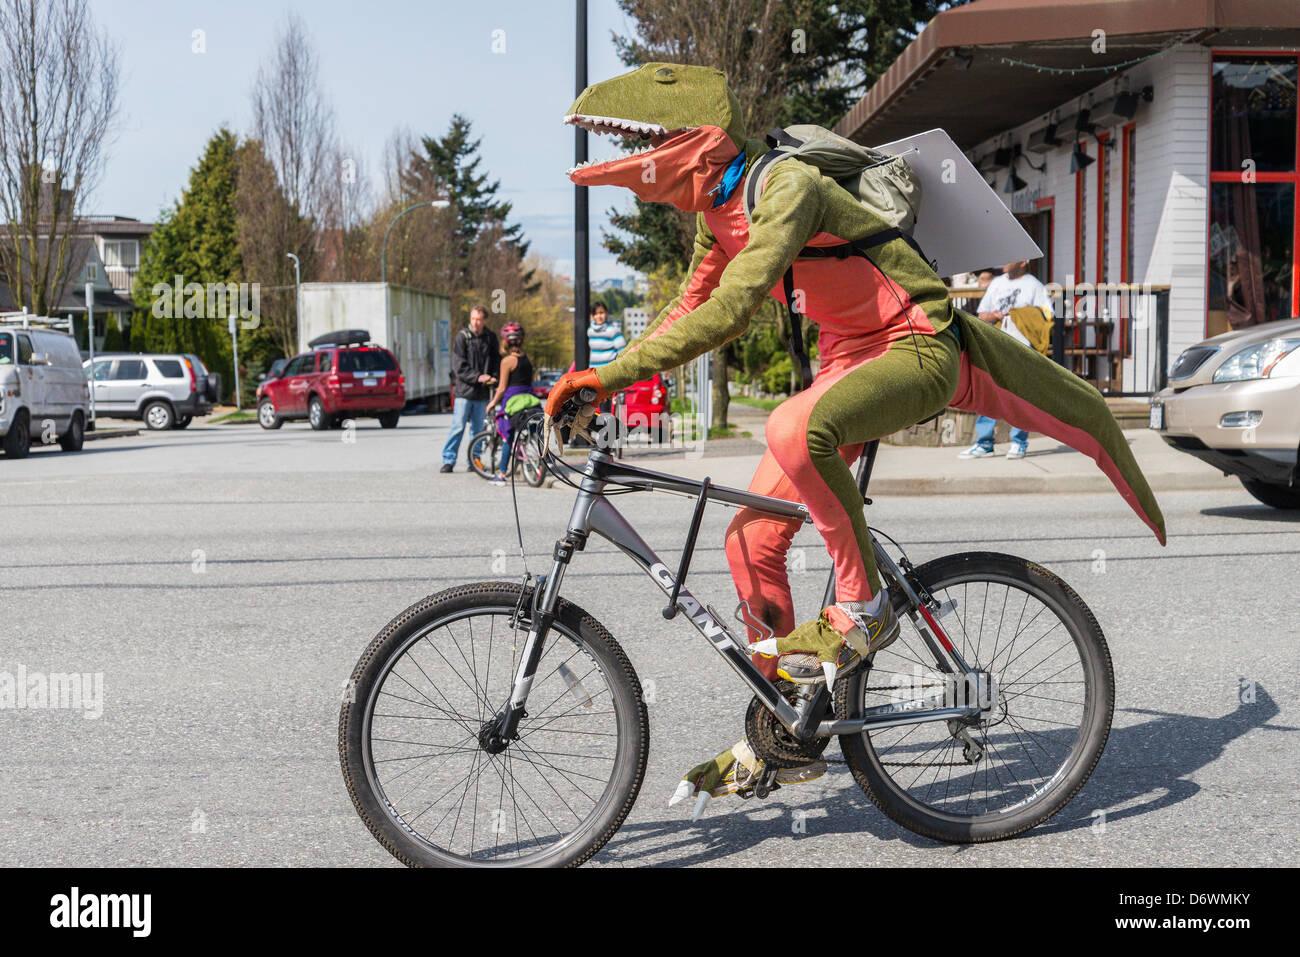 Les dinosaures contre fossile à Vancouver le jour de la Terre 2013 Festival et défilé Photo Stock